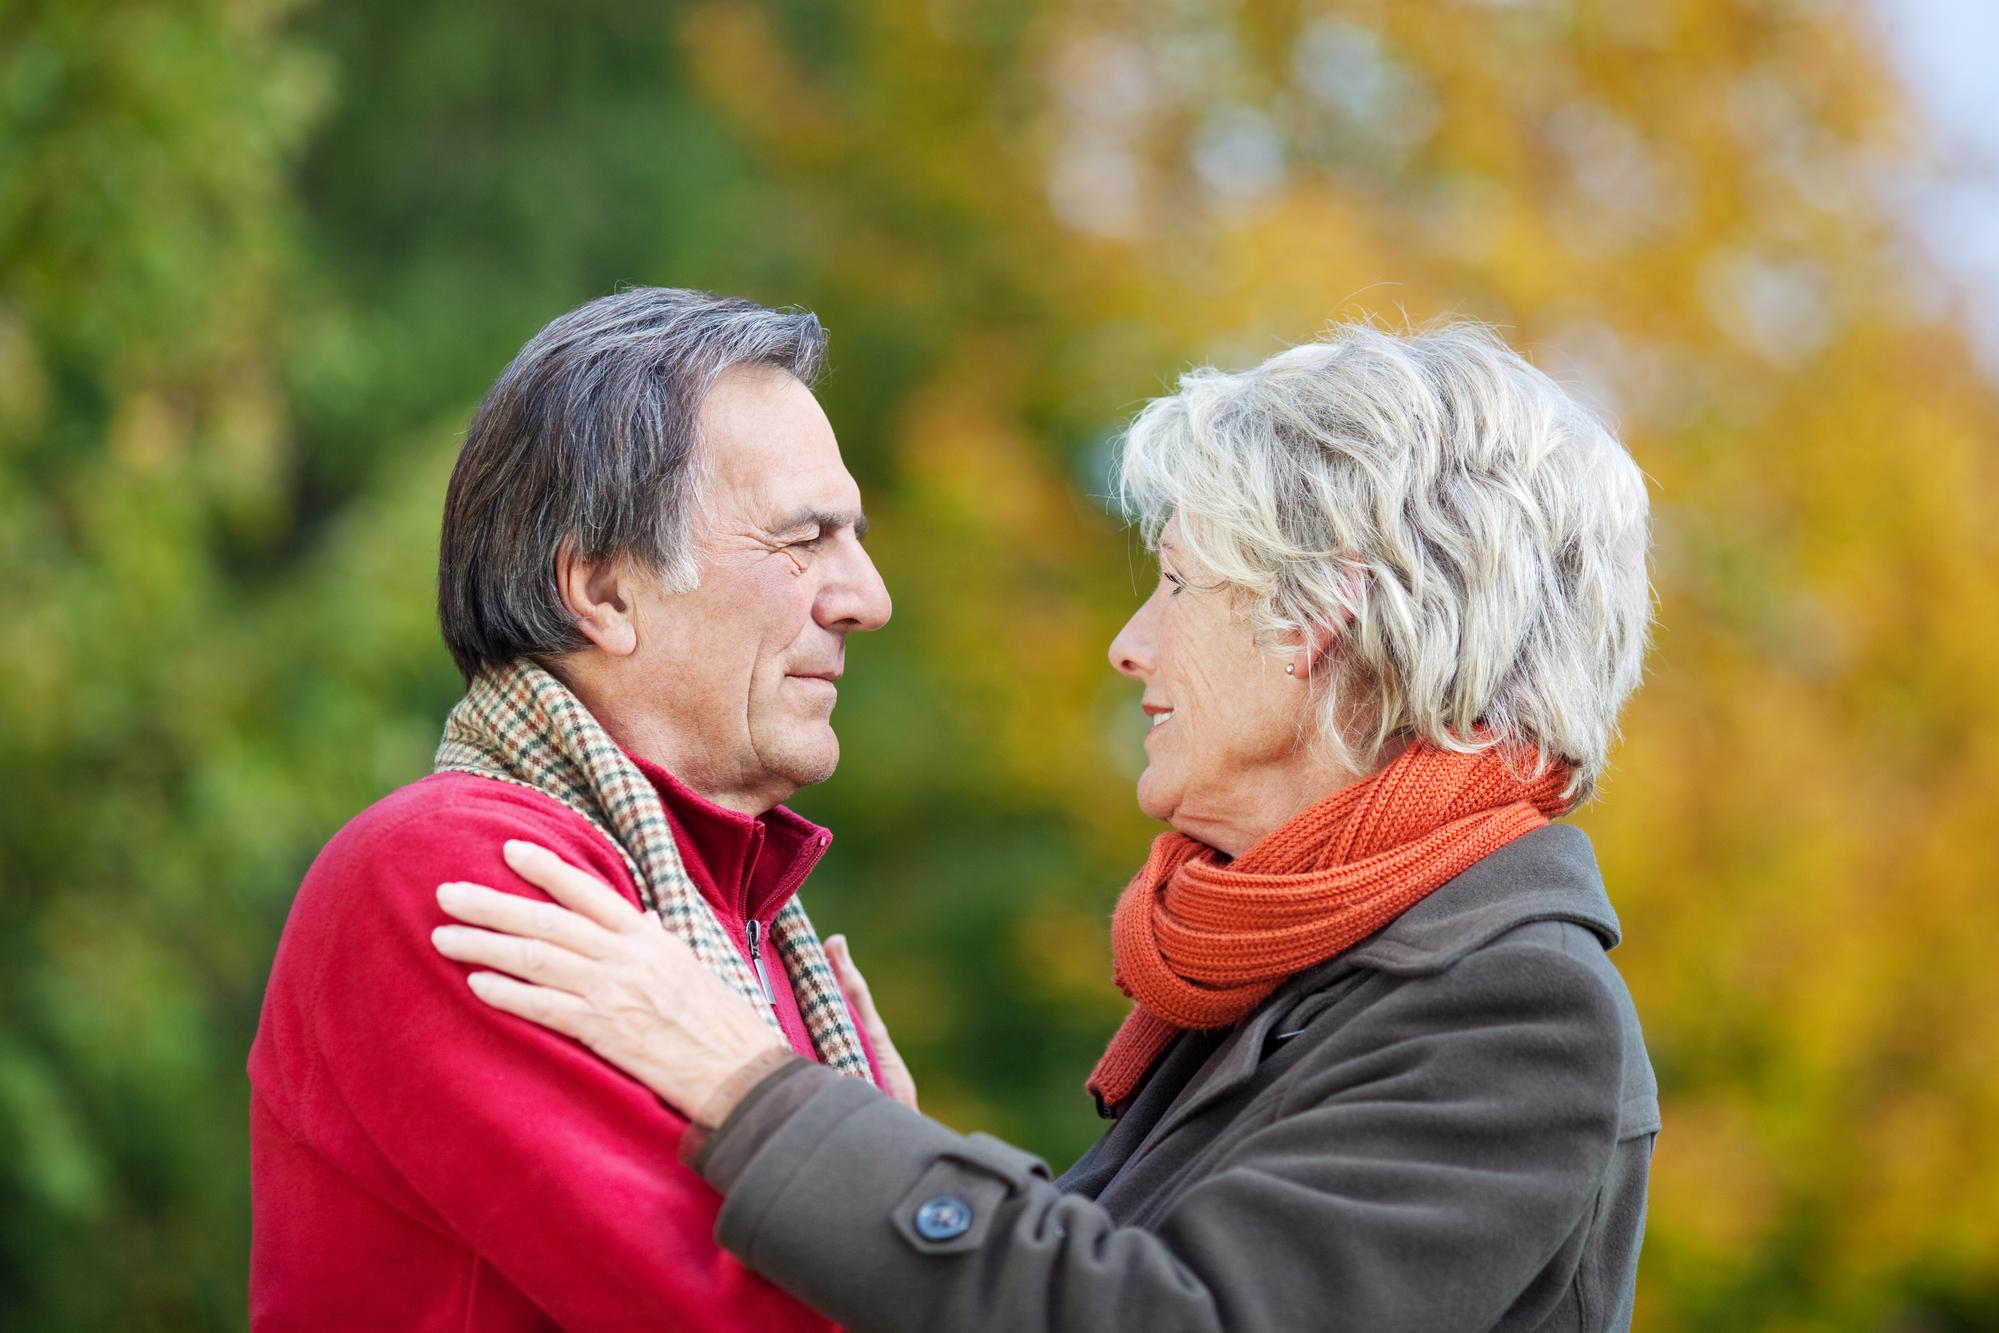 Couple looing in eyes.jpg